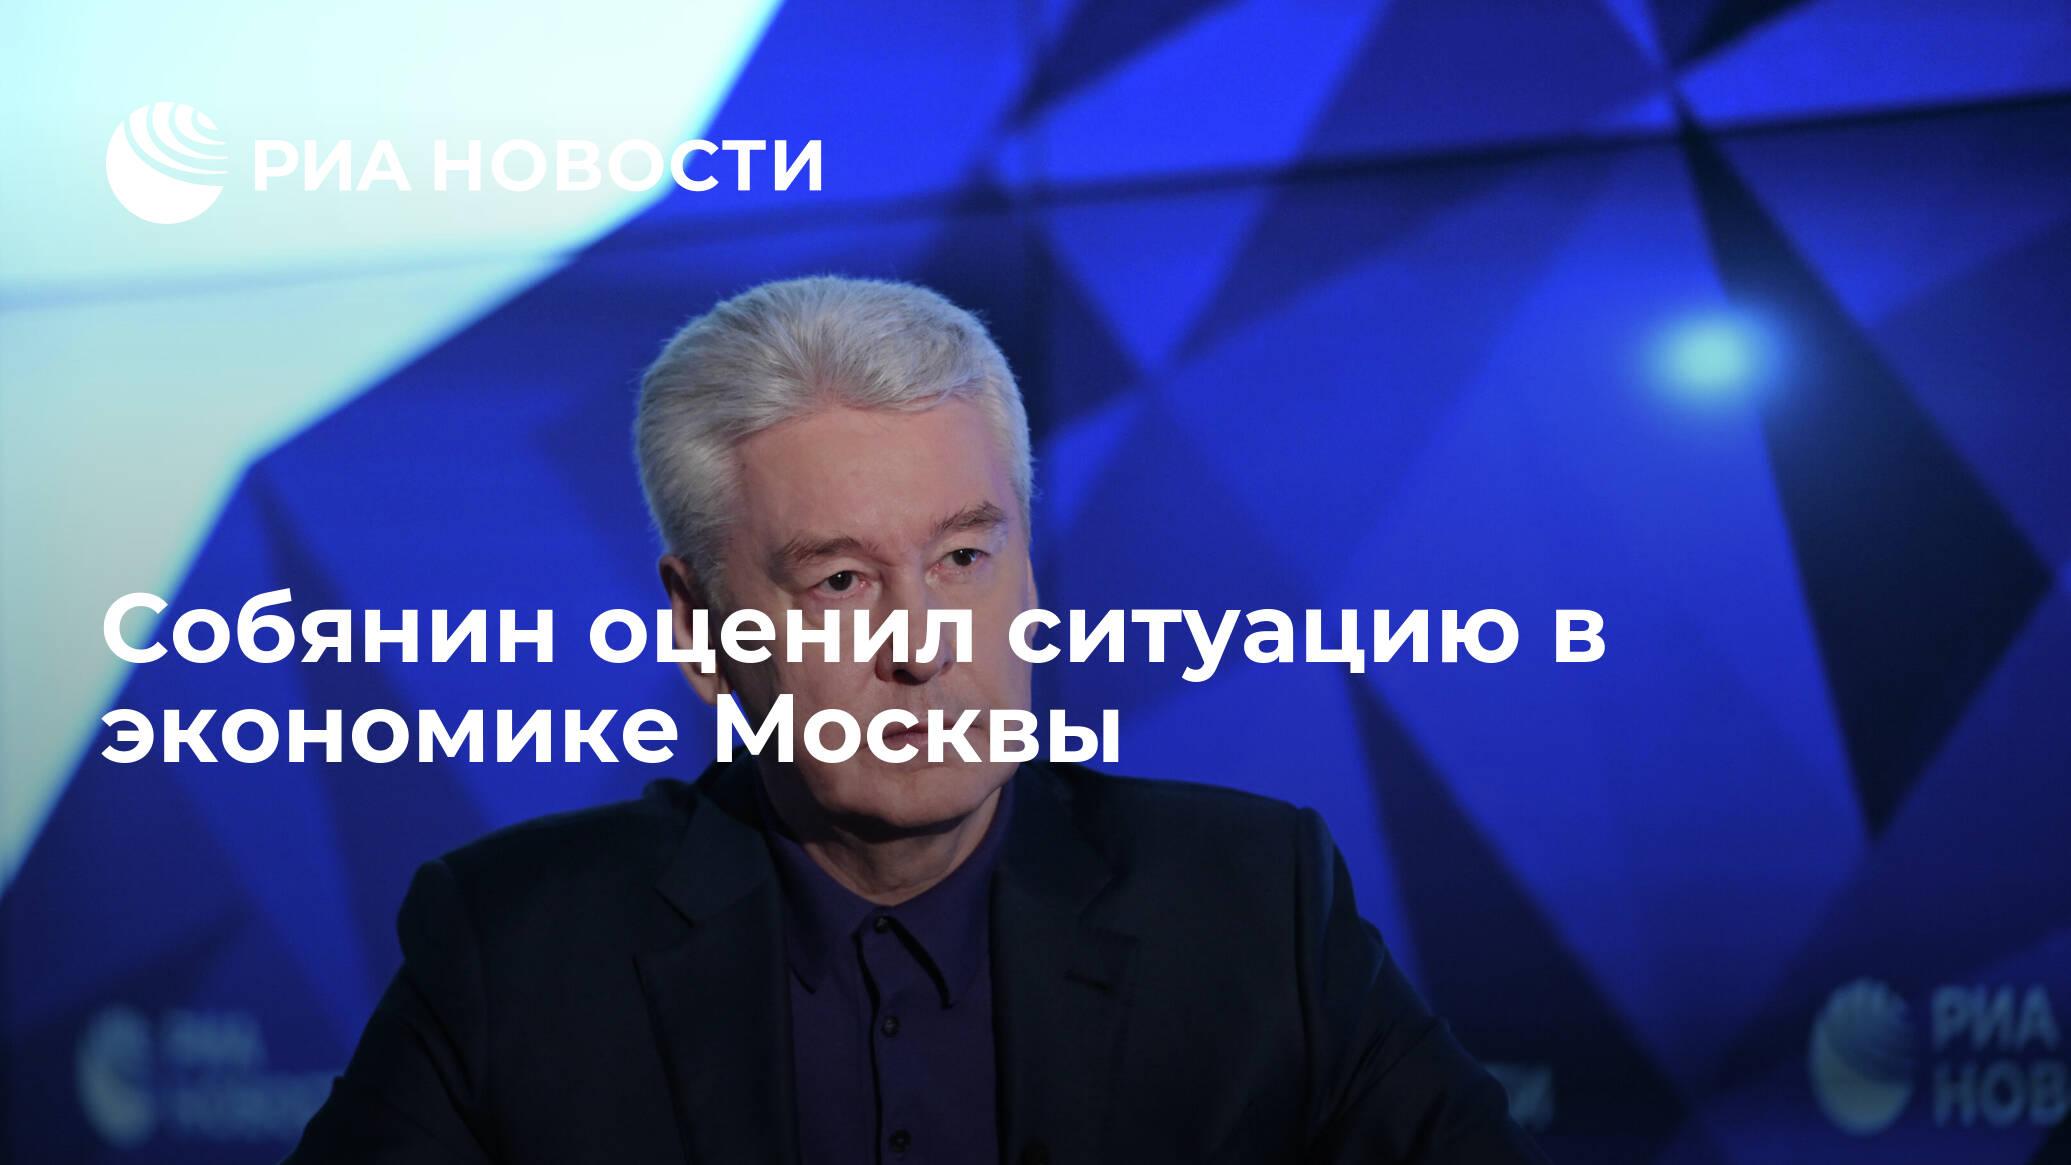 Собянин оценил ситуацию в экономике Москвы